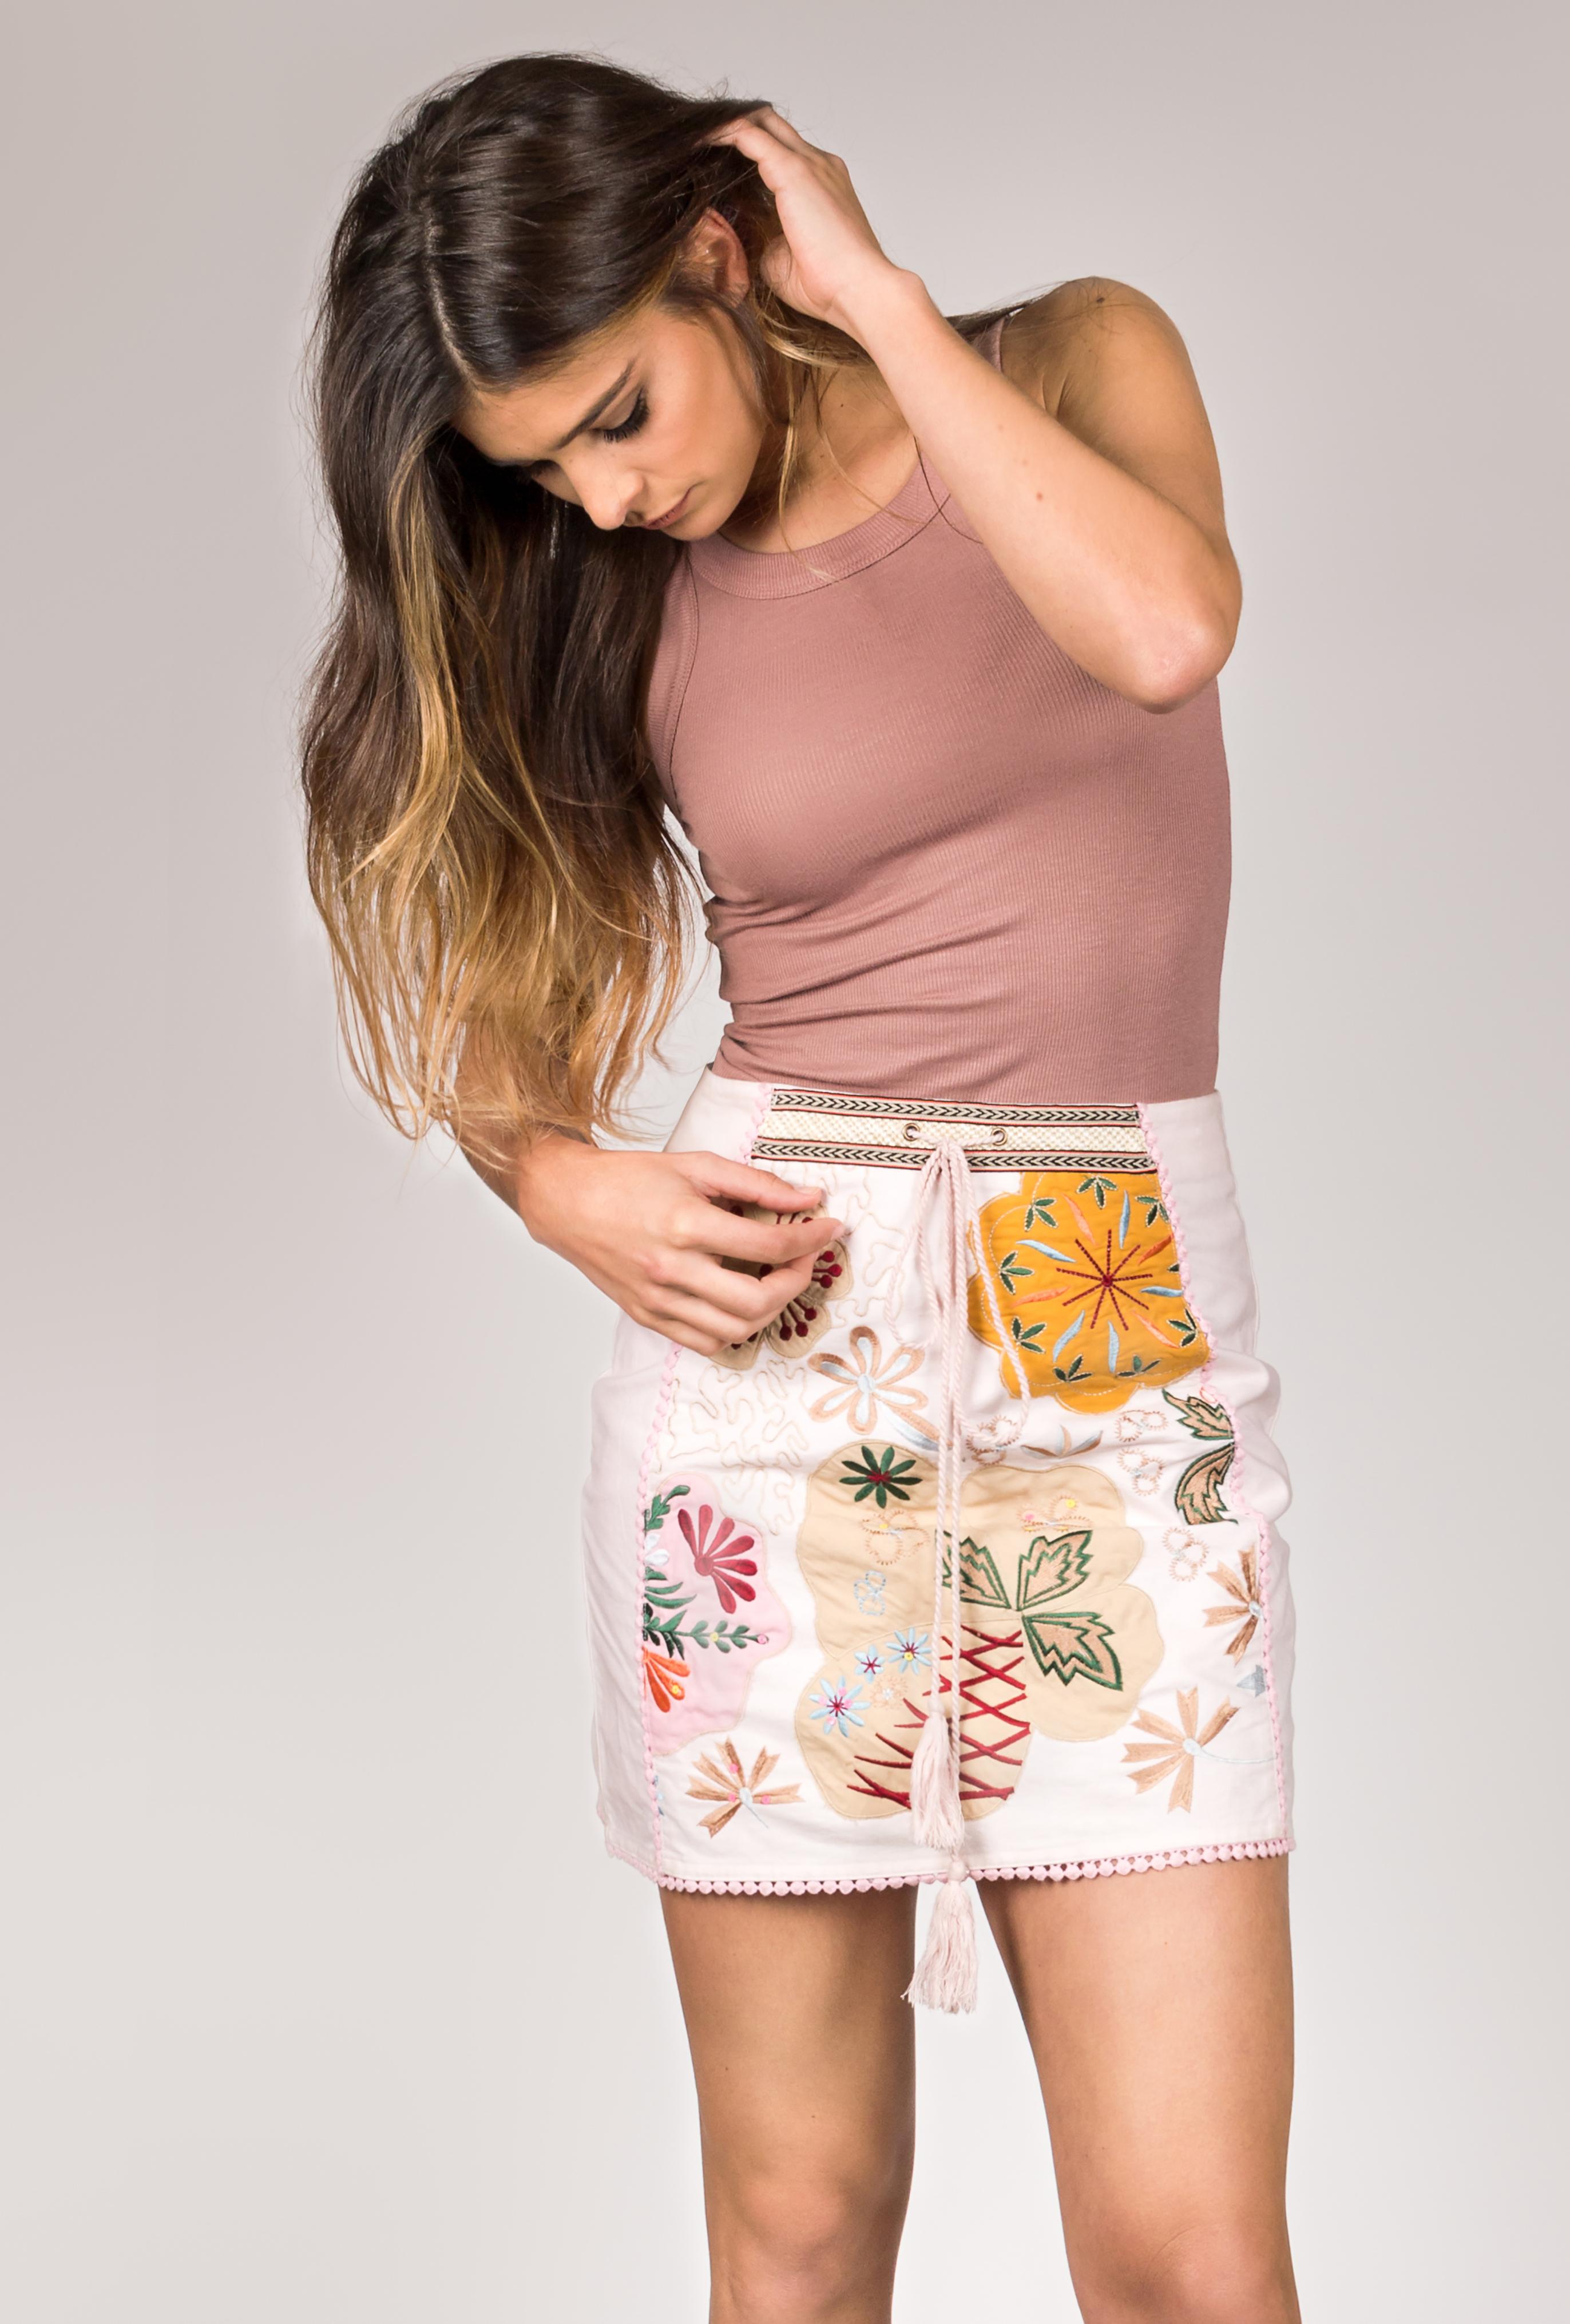 Shoklett: Pale Pink Rose Bouquet Jody MIni Skirt SOLD OUT SHOKLETT_10004s19sk_mini